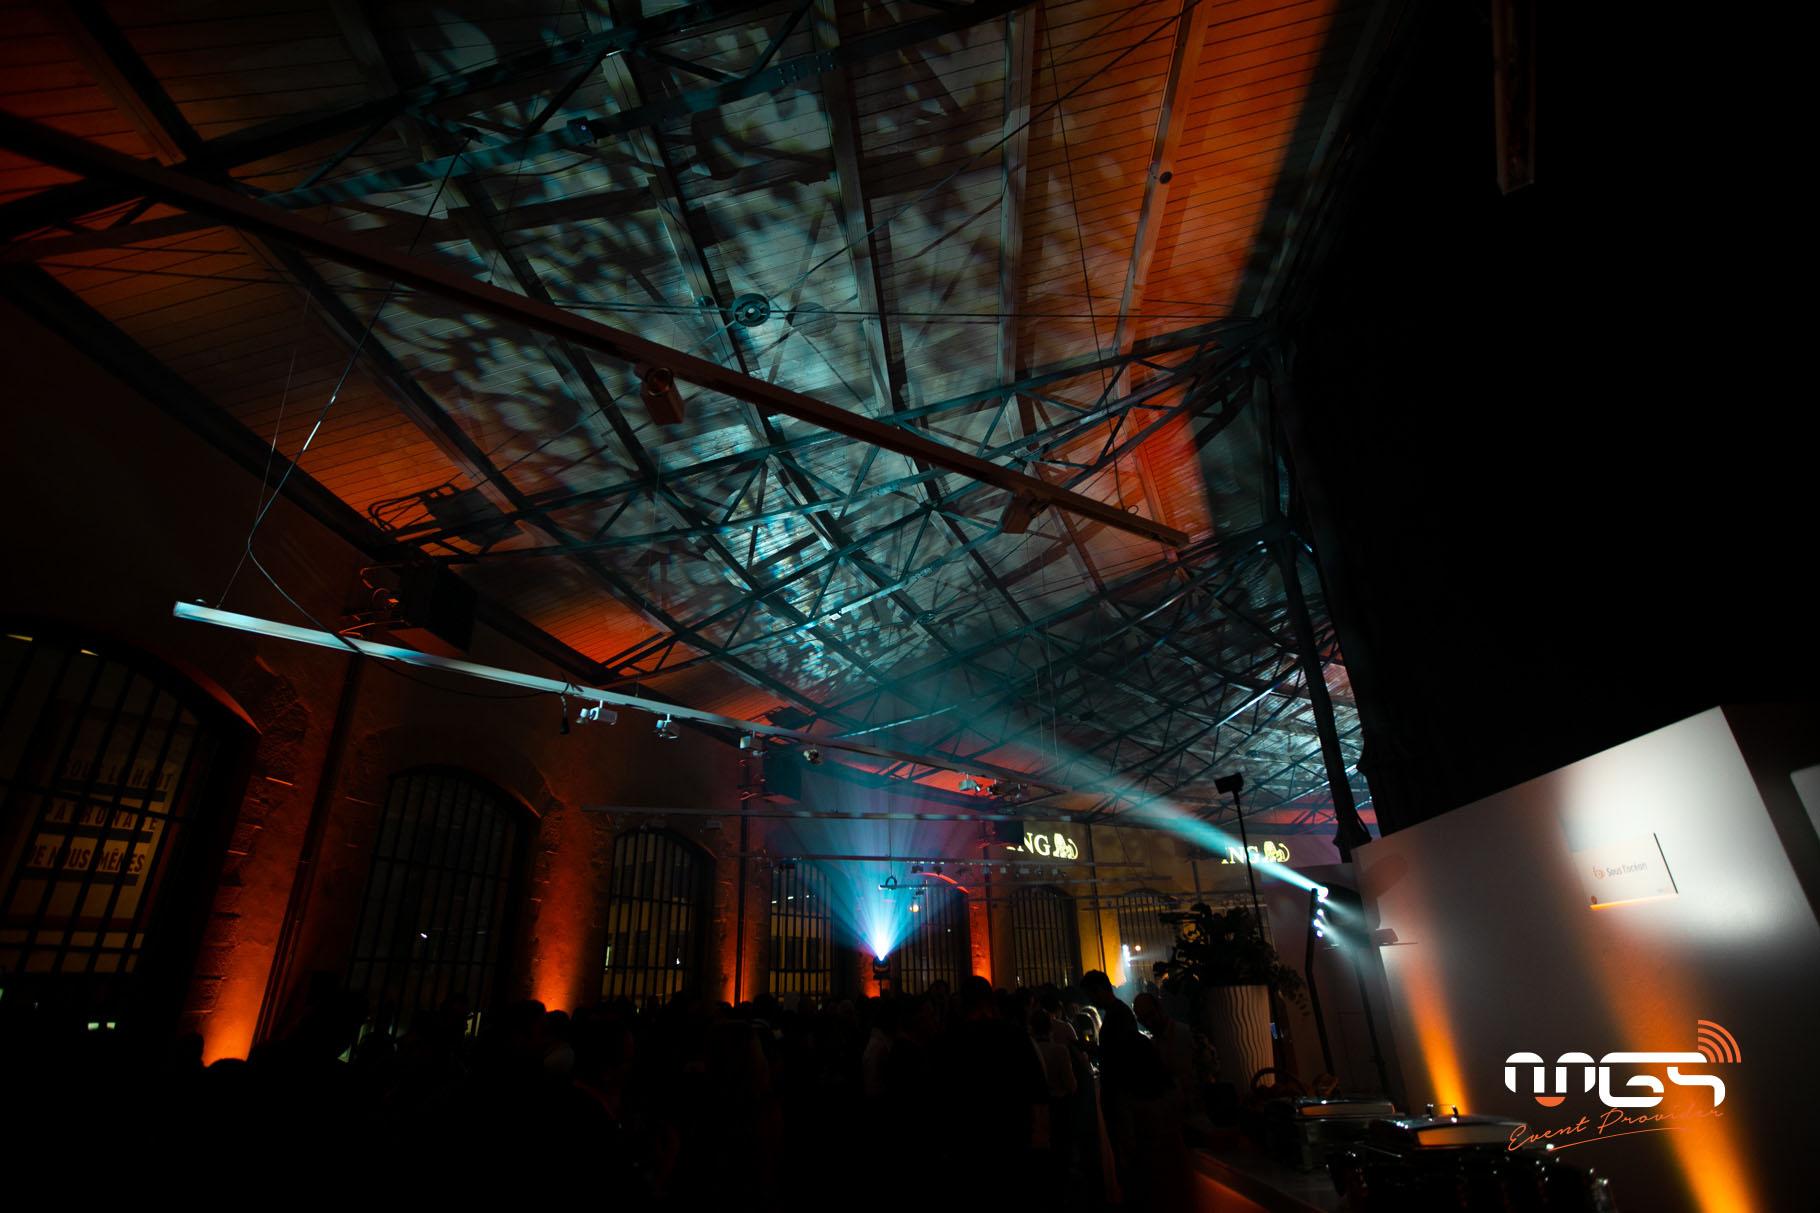 MGS décore les Rotondes à l'aide d'une centaine d'ampoules suspendues à différentes hauteurs